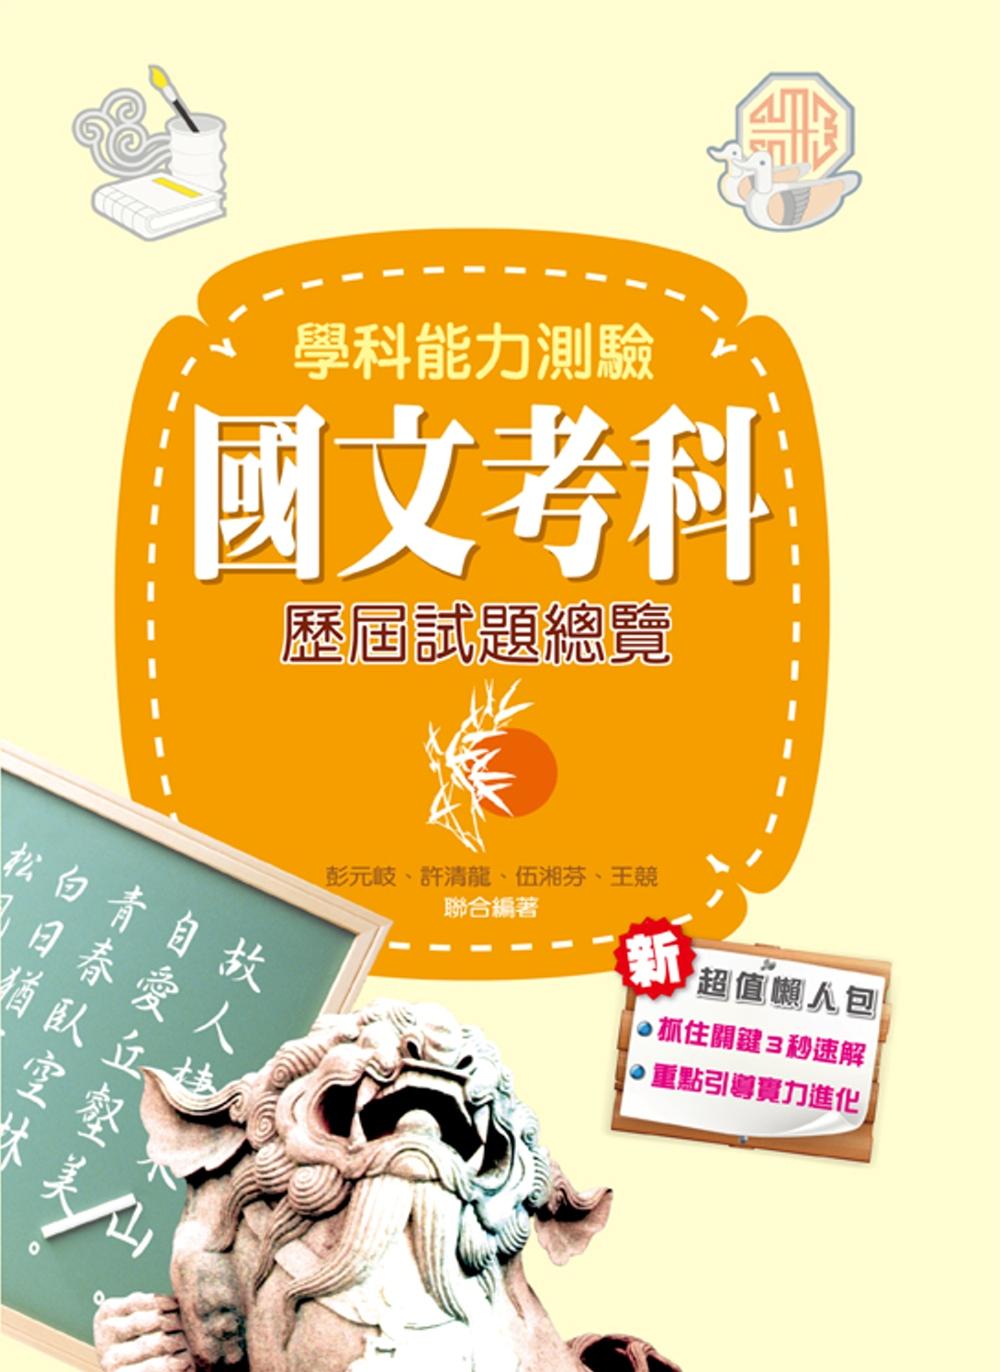 107升大學學科能力測驗國文考科歷屆試題總覽